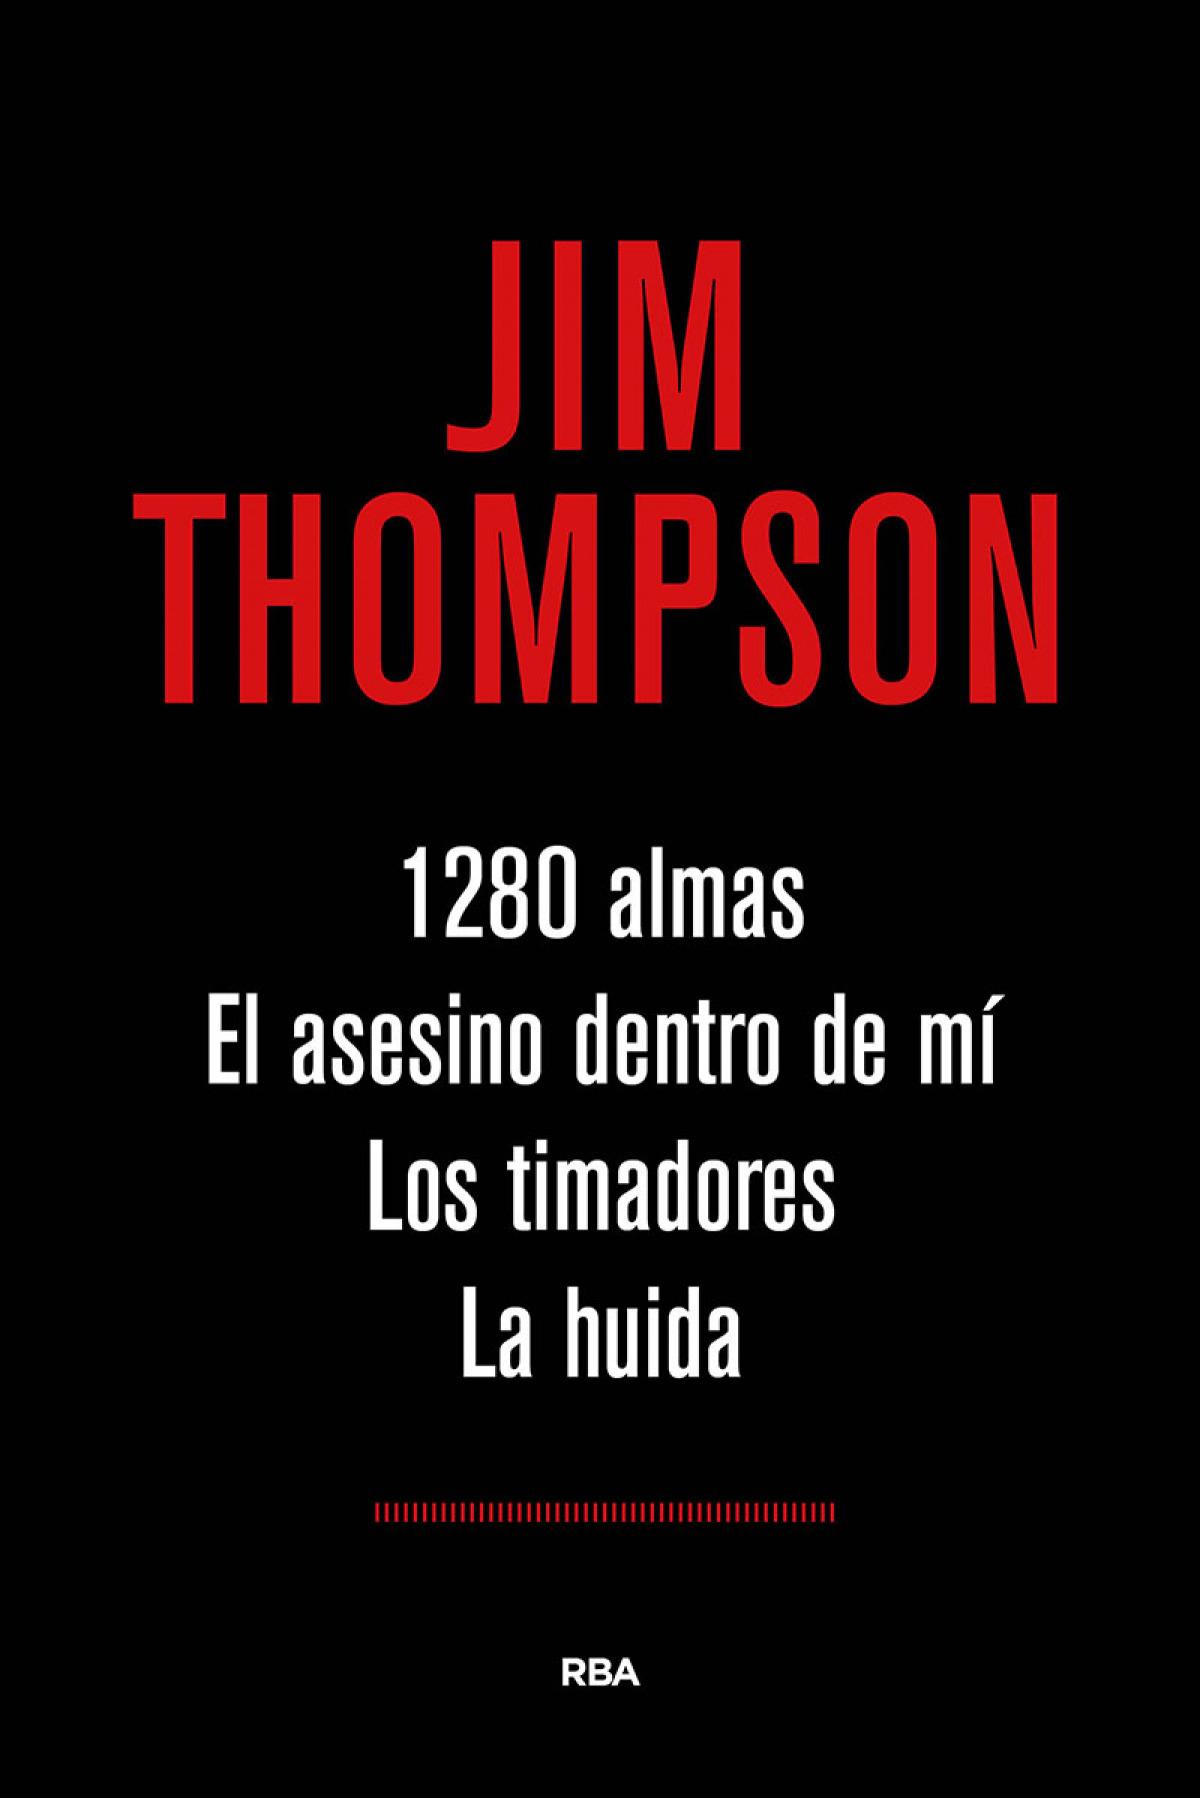 1280 ALMAS / EL ASESINO DENTRO DE MI / LOS TIMADORES / LA HUIDA 9788491871019